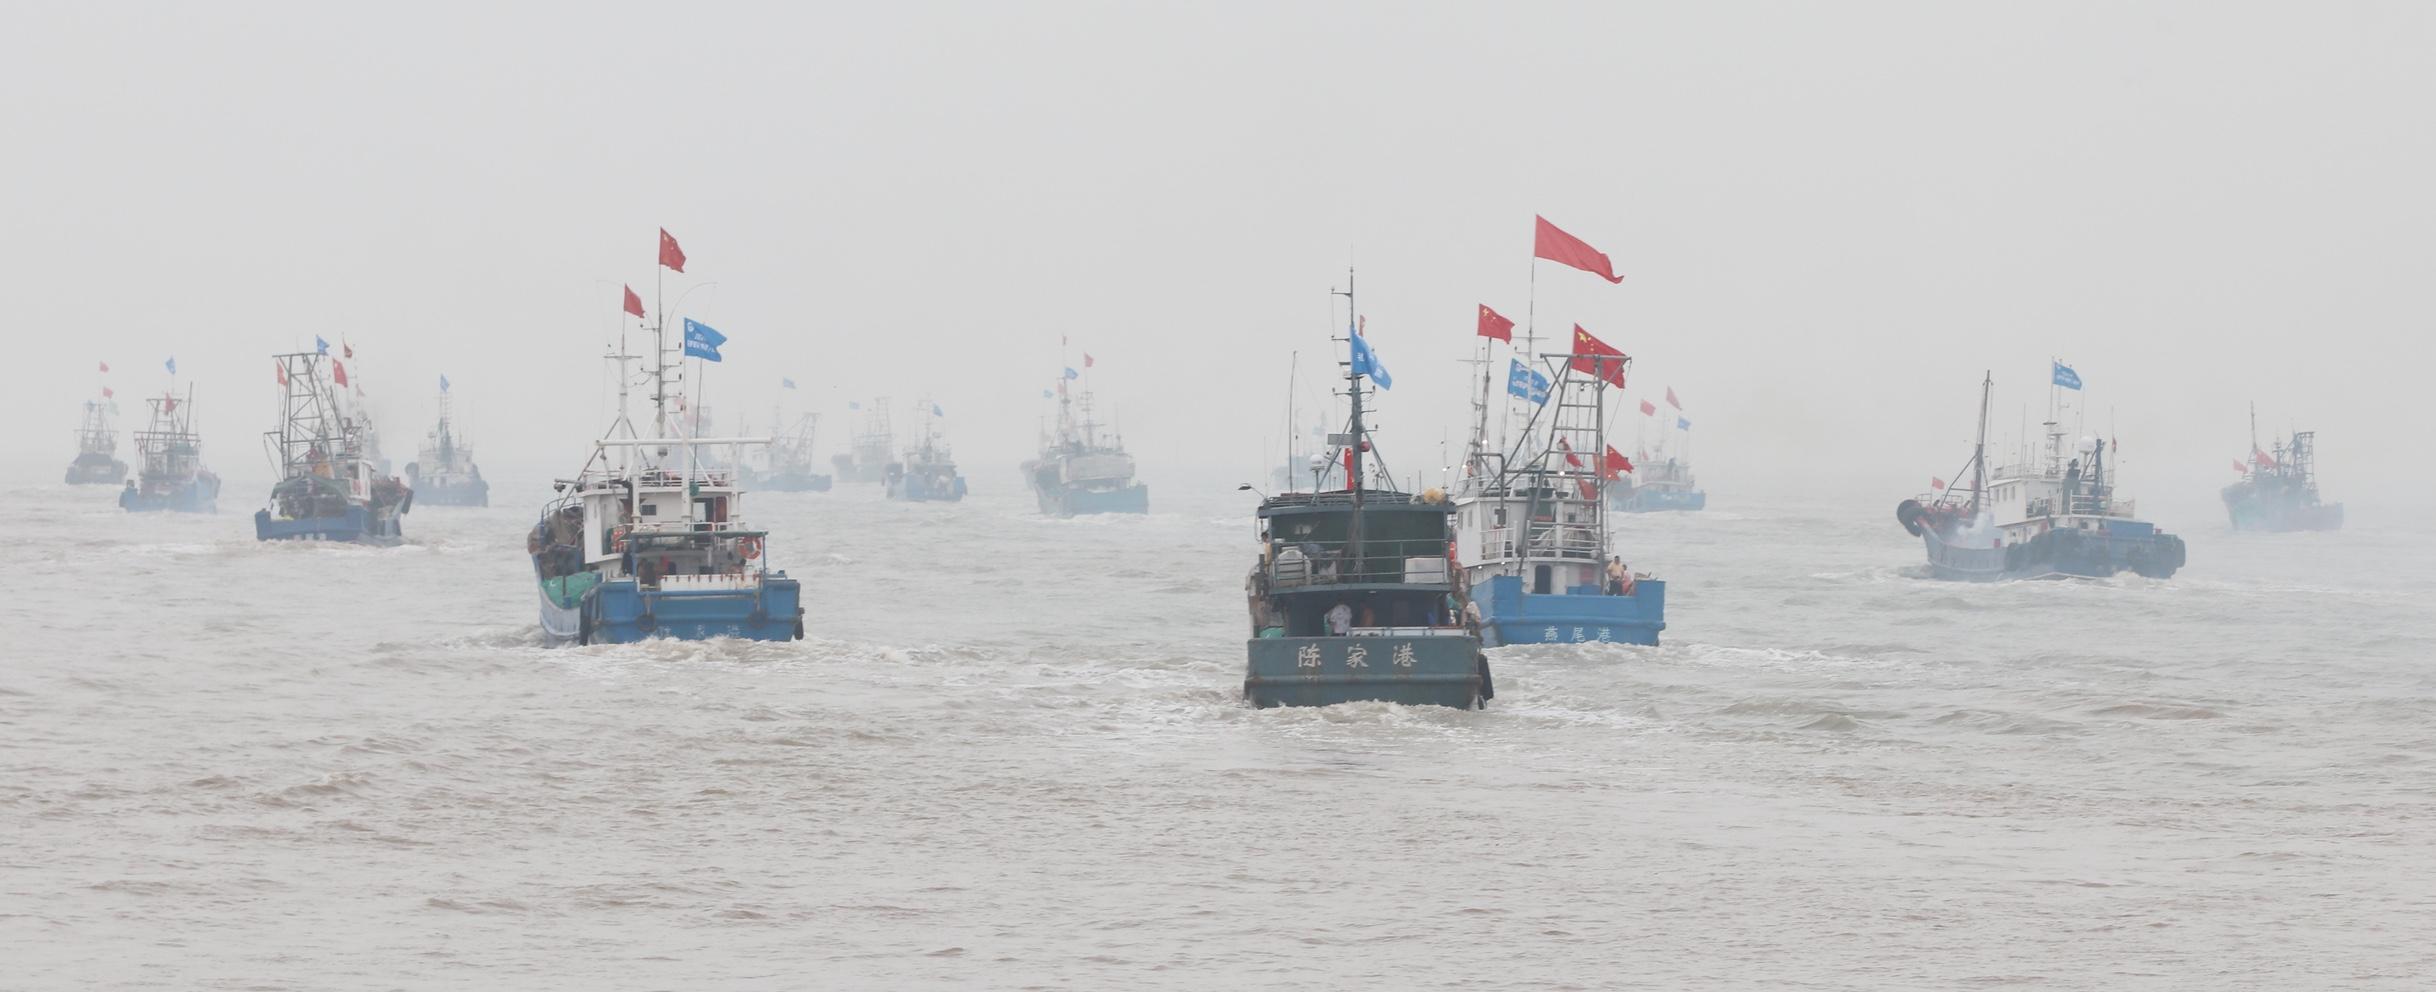 全国第二个毛虾专项捕捞试点在燕尾港启动!